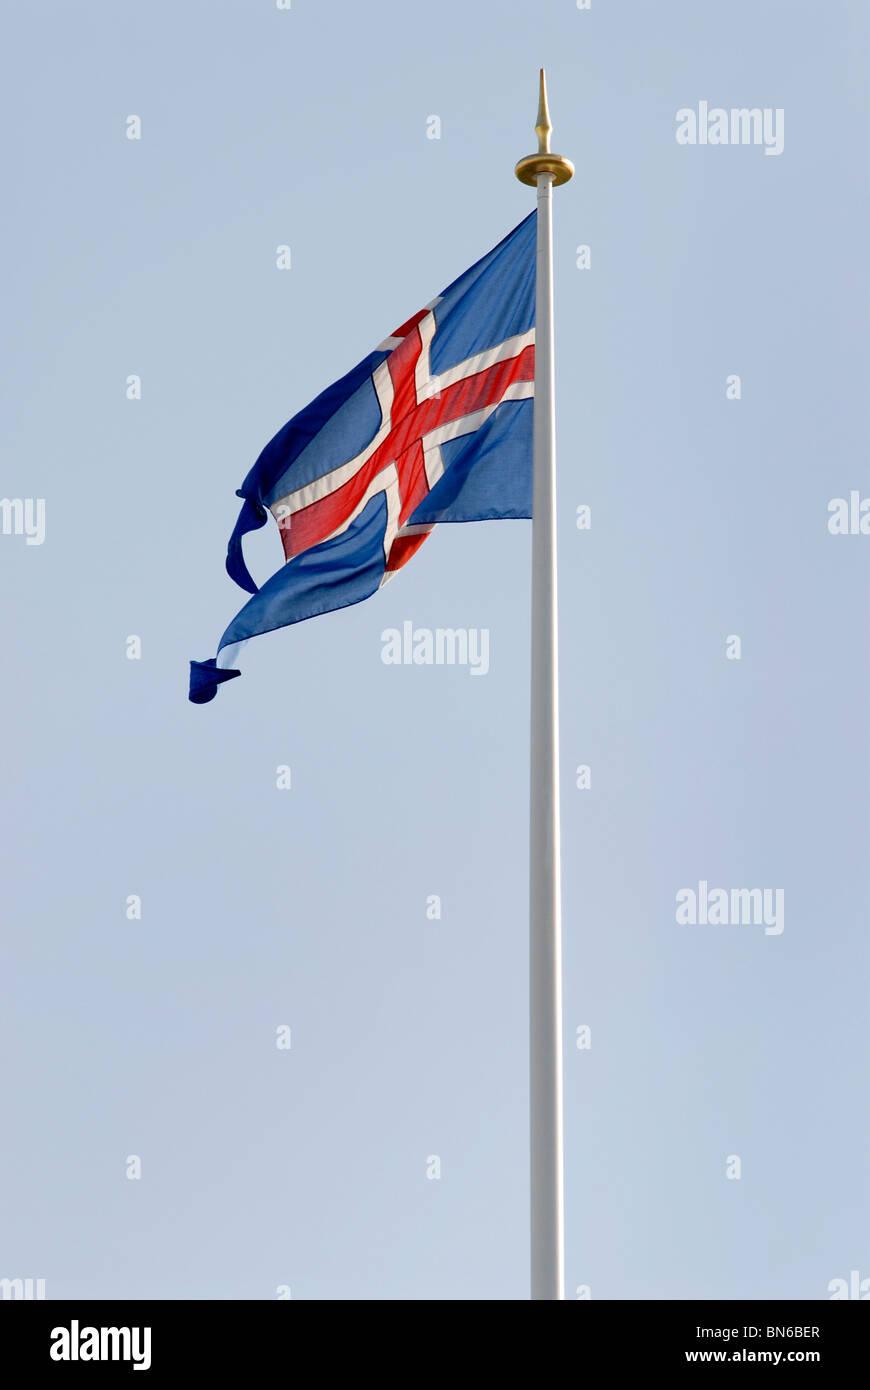 The Icelandic flag flying on a flagpole in Reykjavik, Iceland. - Stock Image